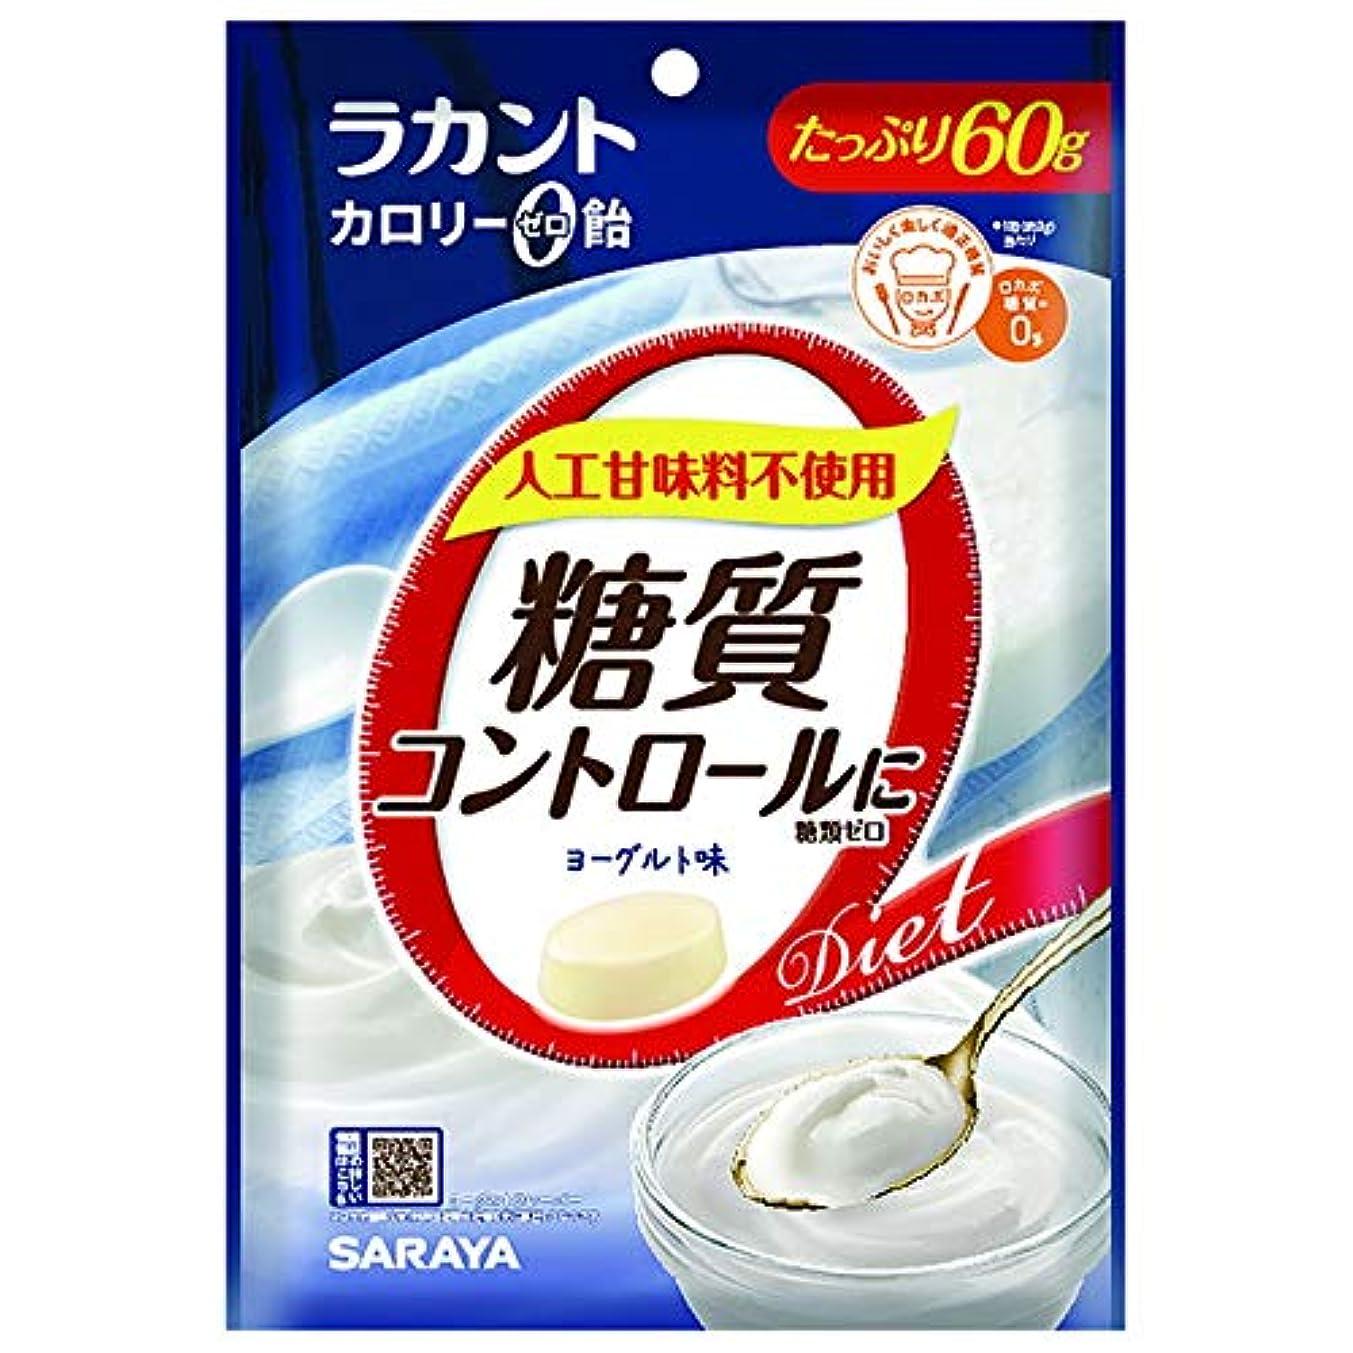 平和的売るトラップラカント カロリーゼロ飴 ヨーグルト 60g【3個セット】